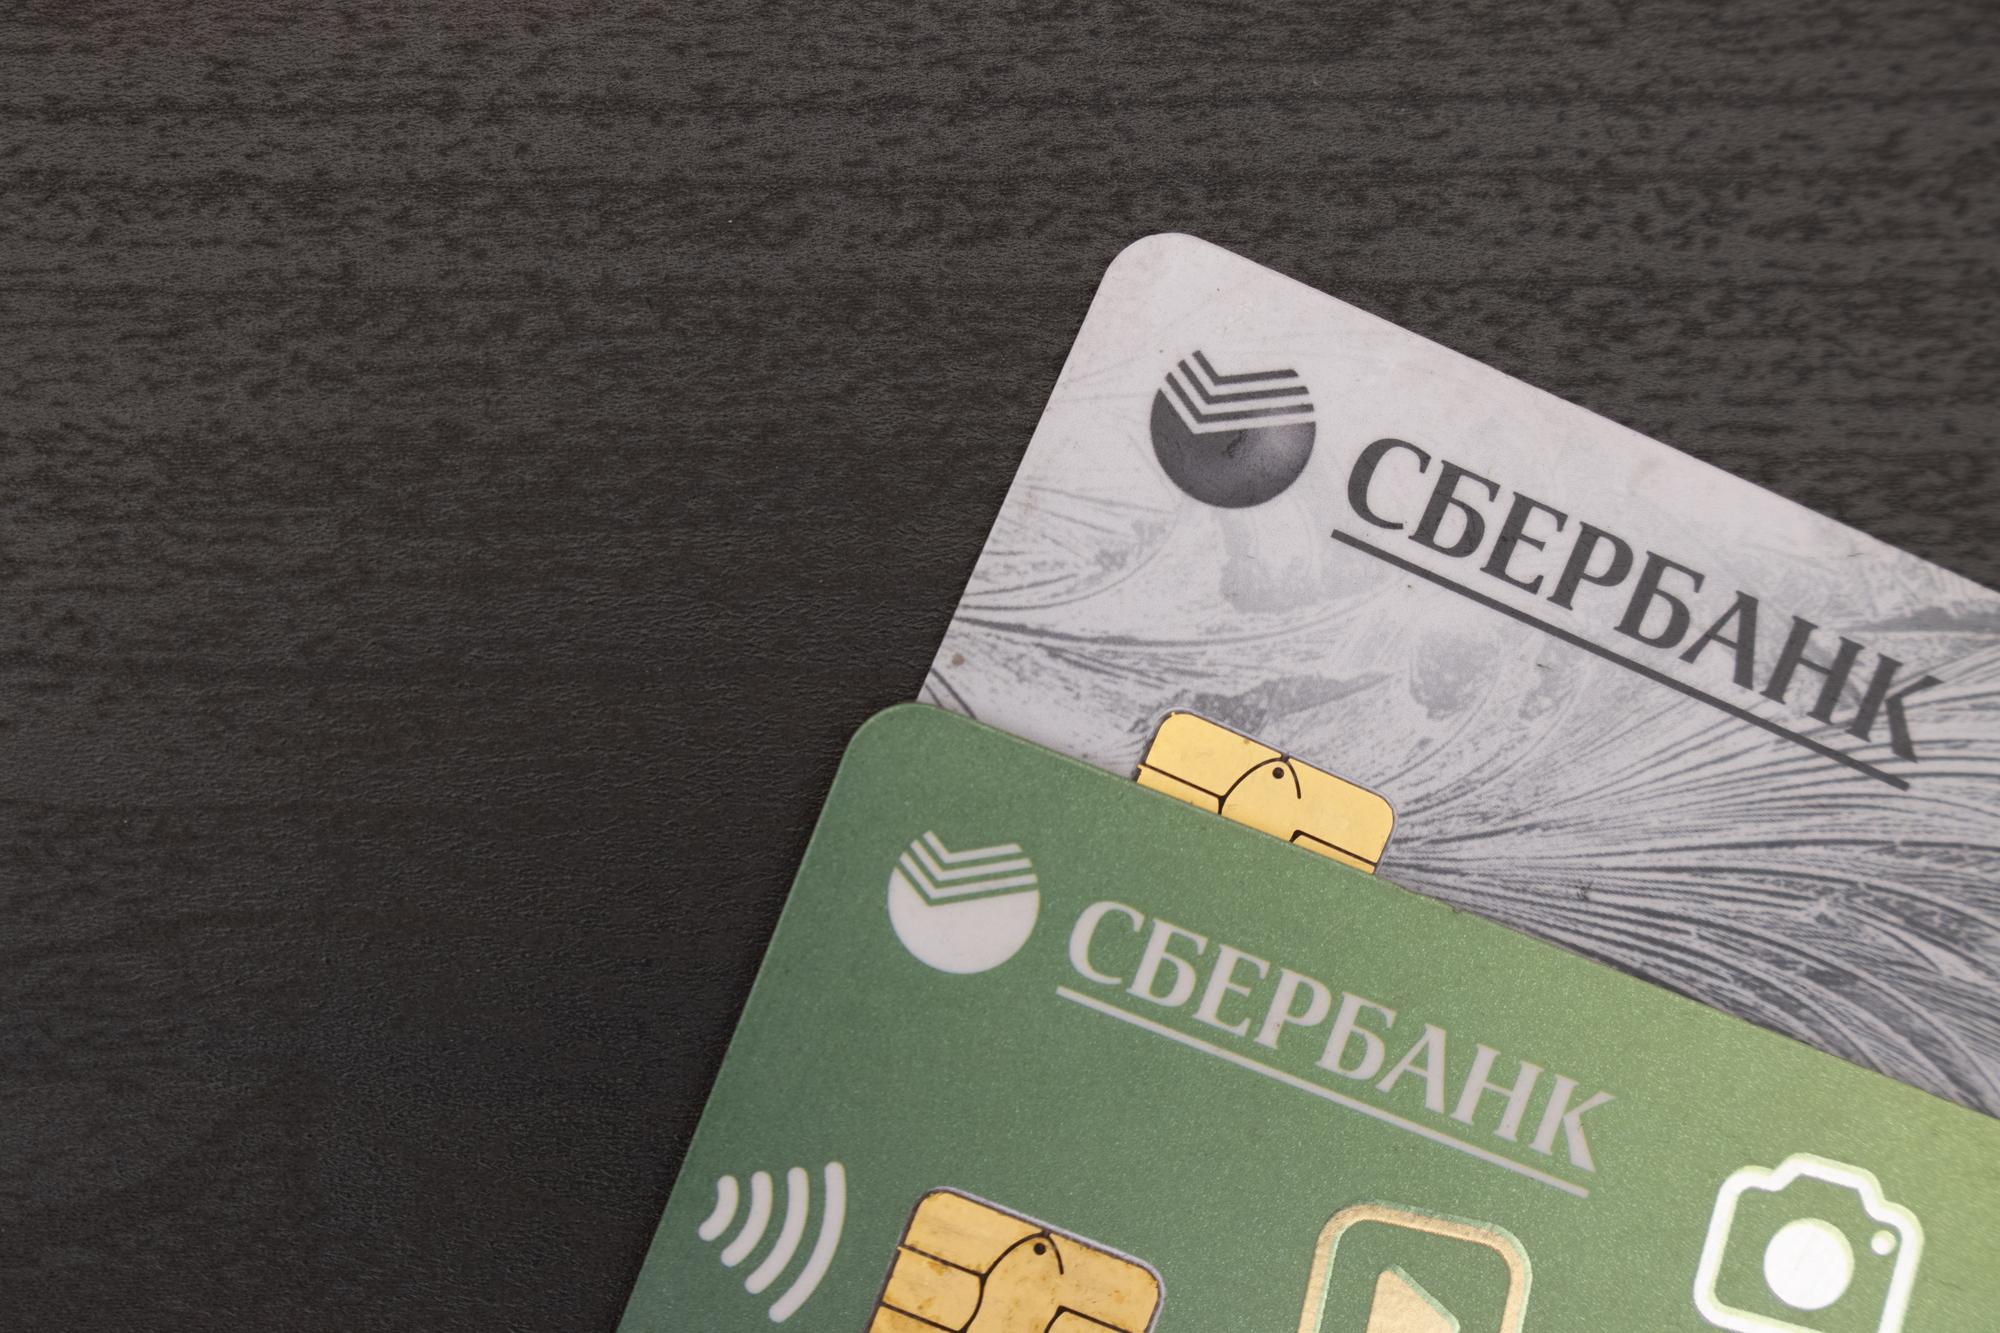 Карты Сбербанка: что предлагает банк в 2021 году? Сколько потребуется заплатить и что в итоге получает клиент?